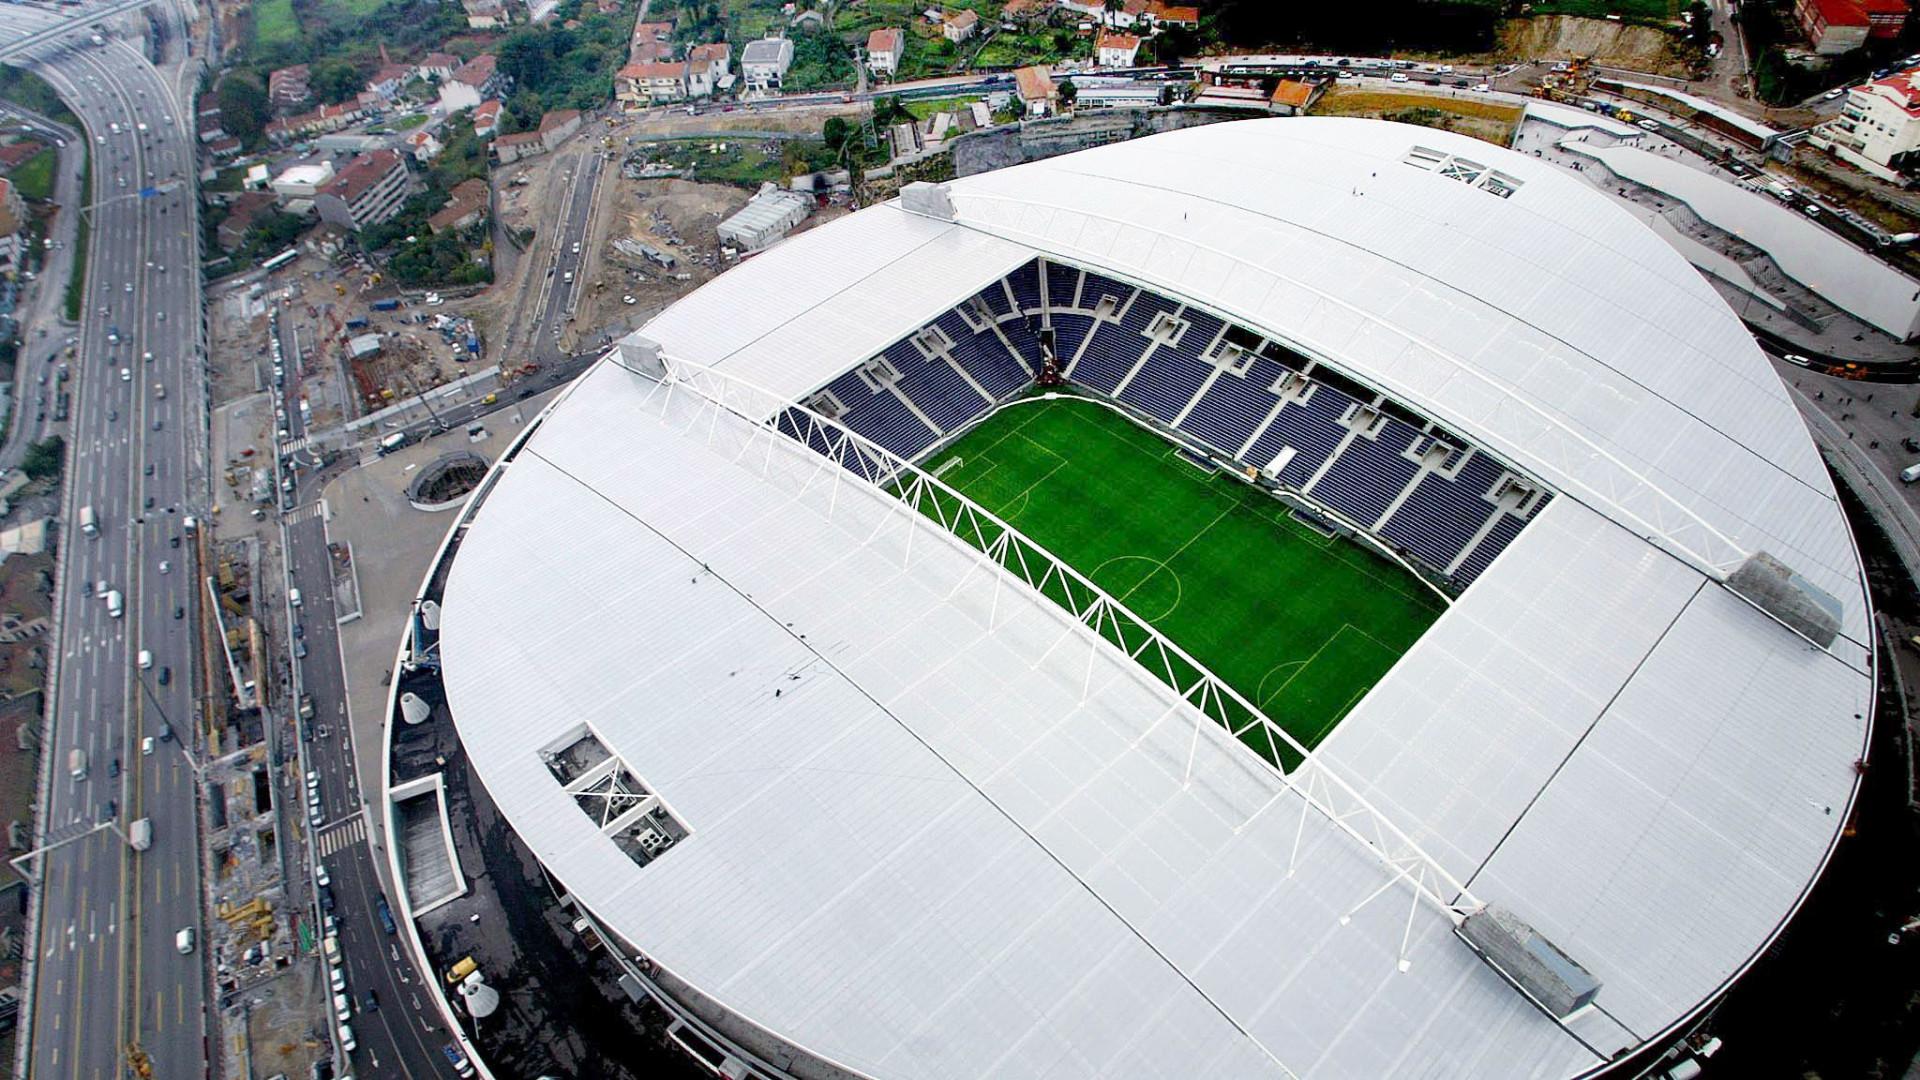 SAD do FC Porto com resultado consolidado negativo de 35,3 milhões